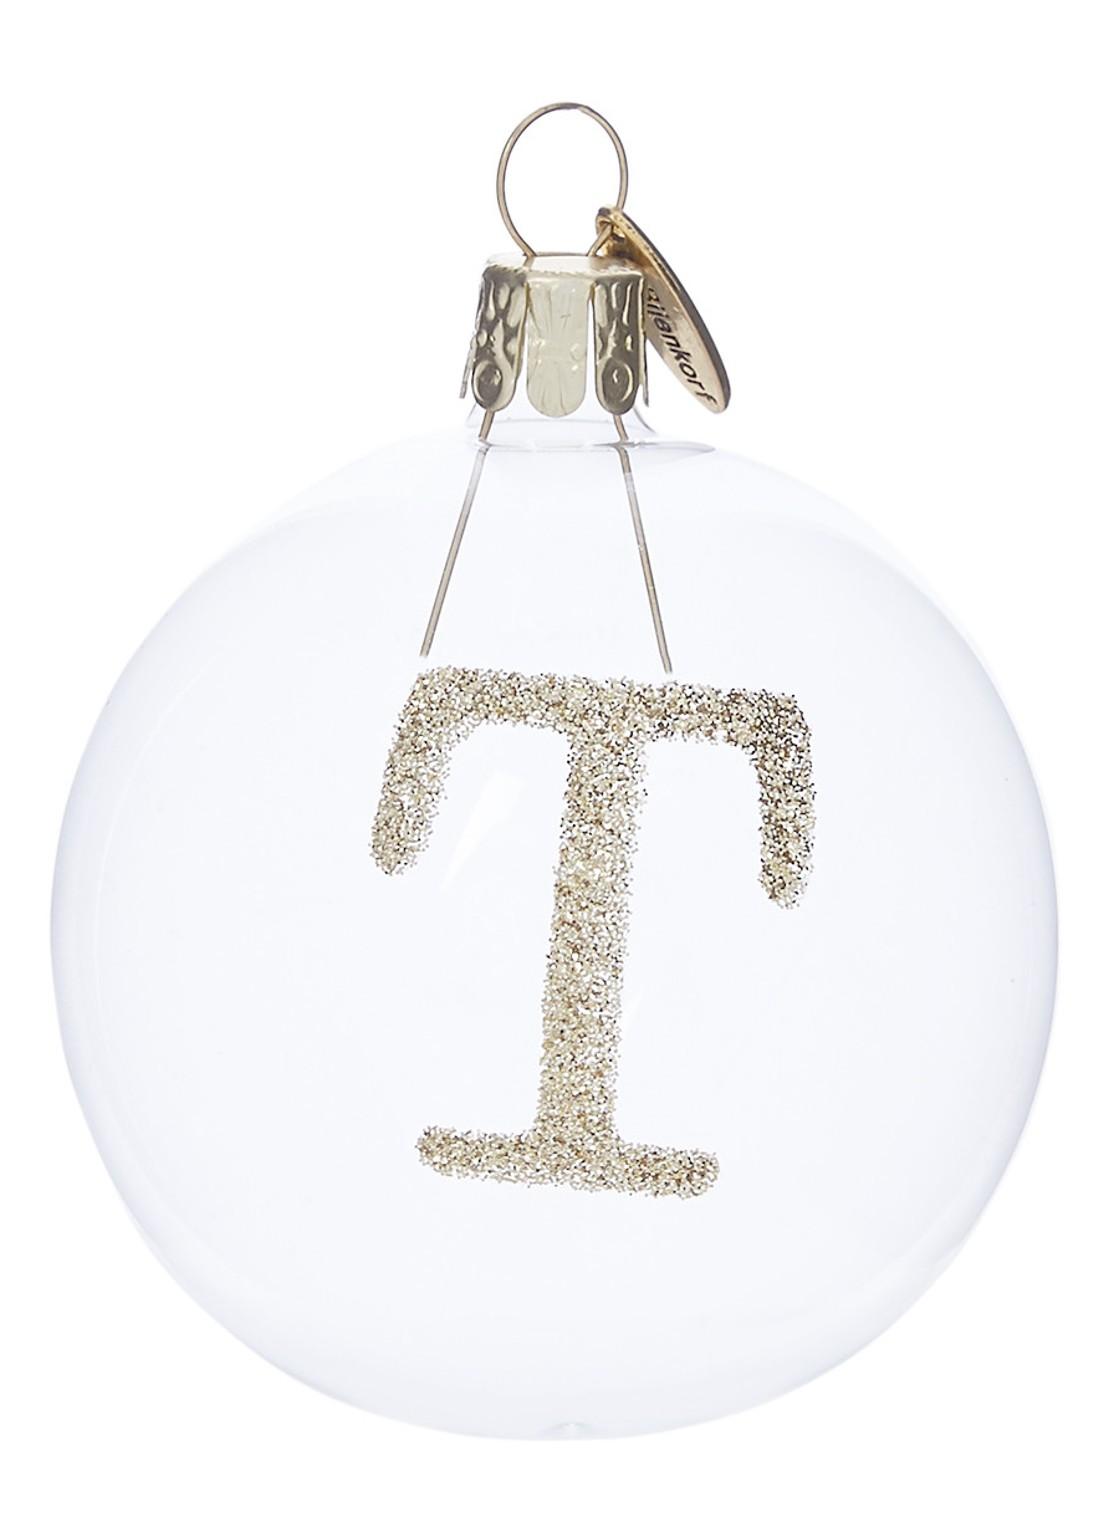 de-bijenkorf-kerstbal-letter-t-6-cm